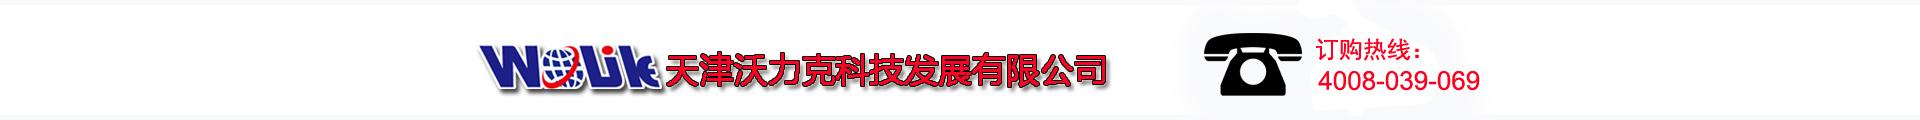 天津沃力克科技發展有限公司